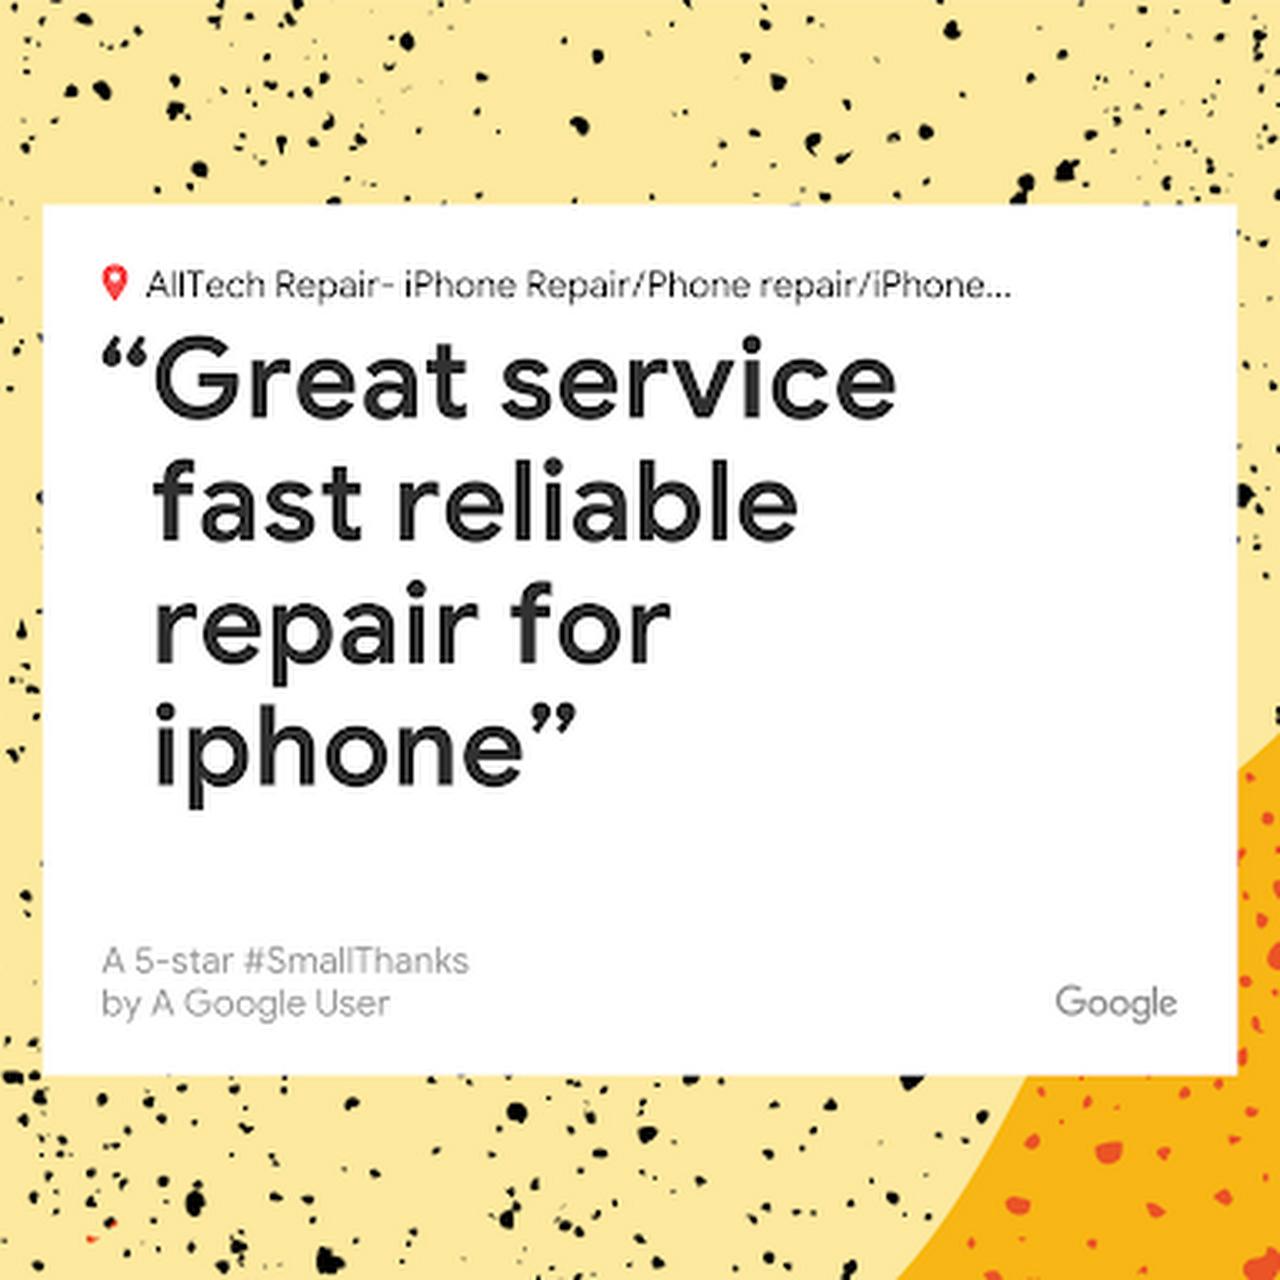 AllTech Repair- Phone repair/Game repair/tablet repair